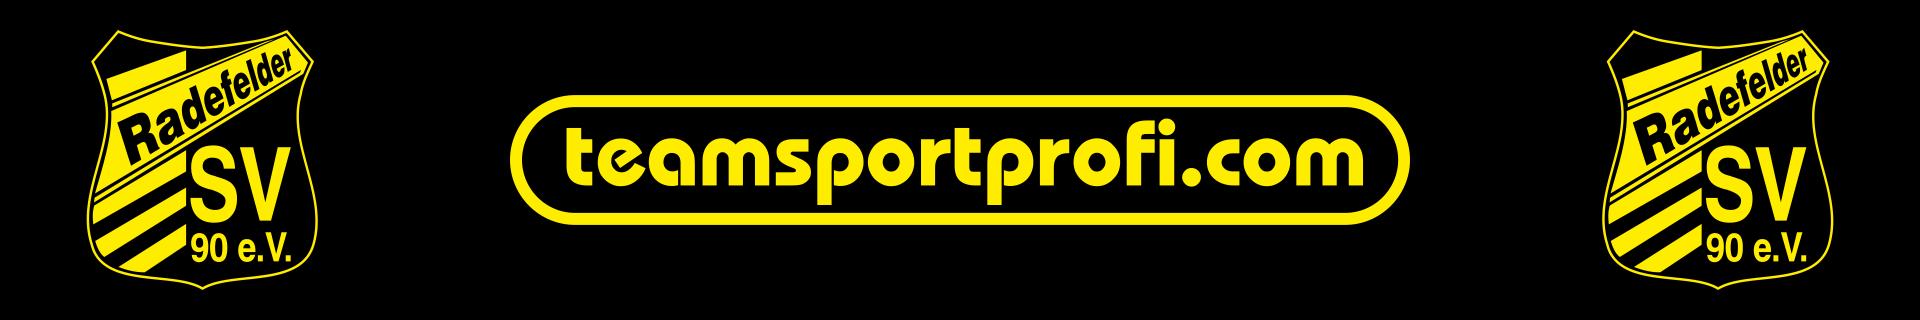 Teamsport Shop